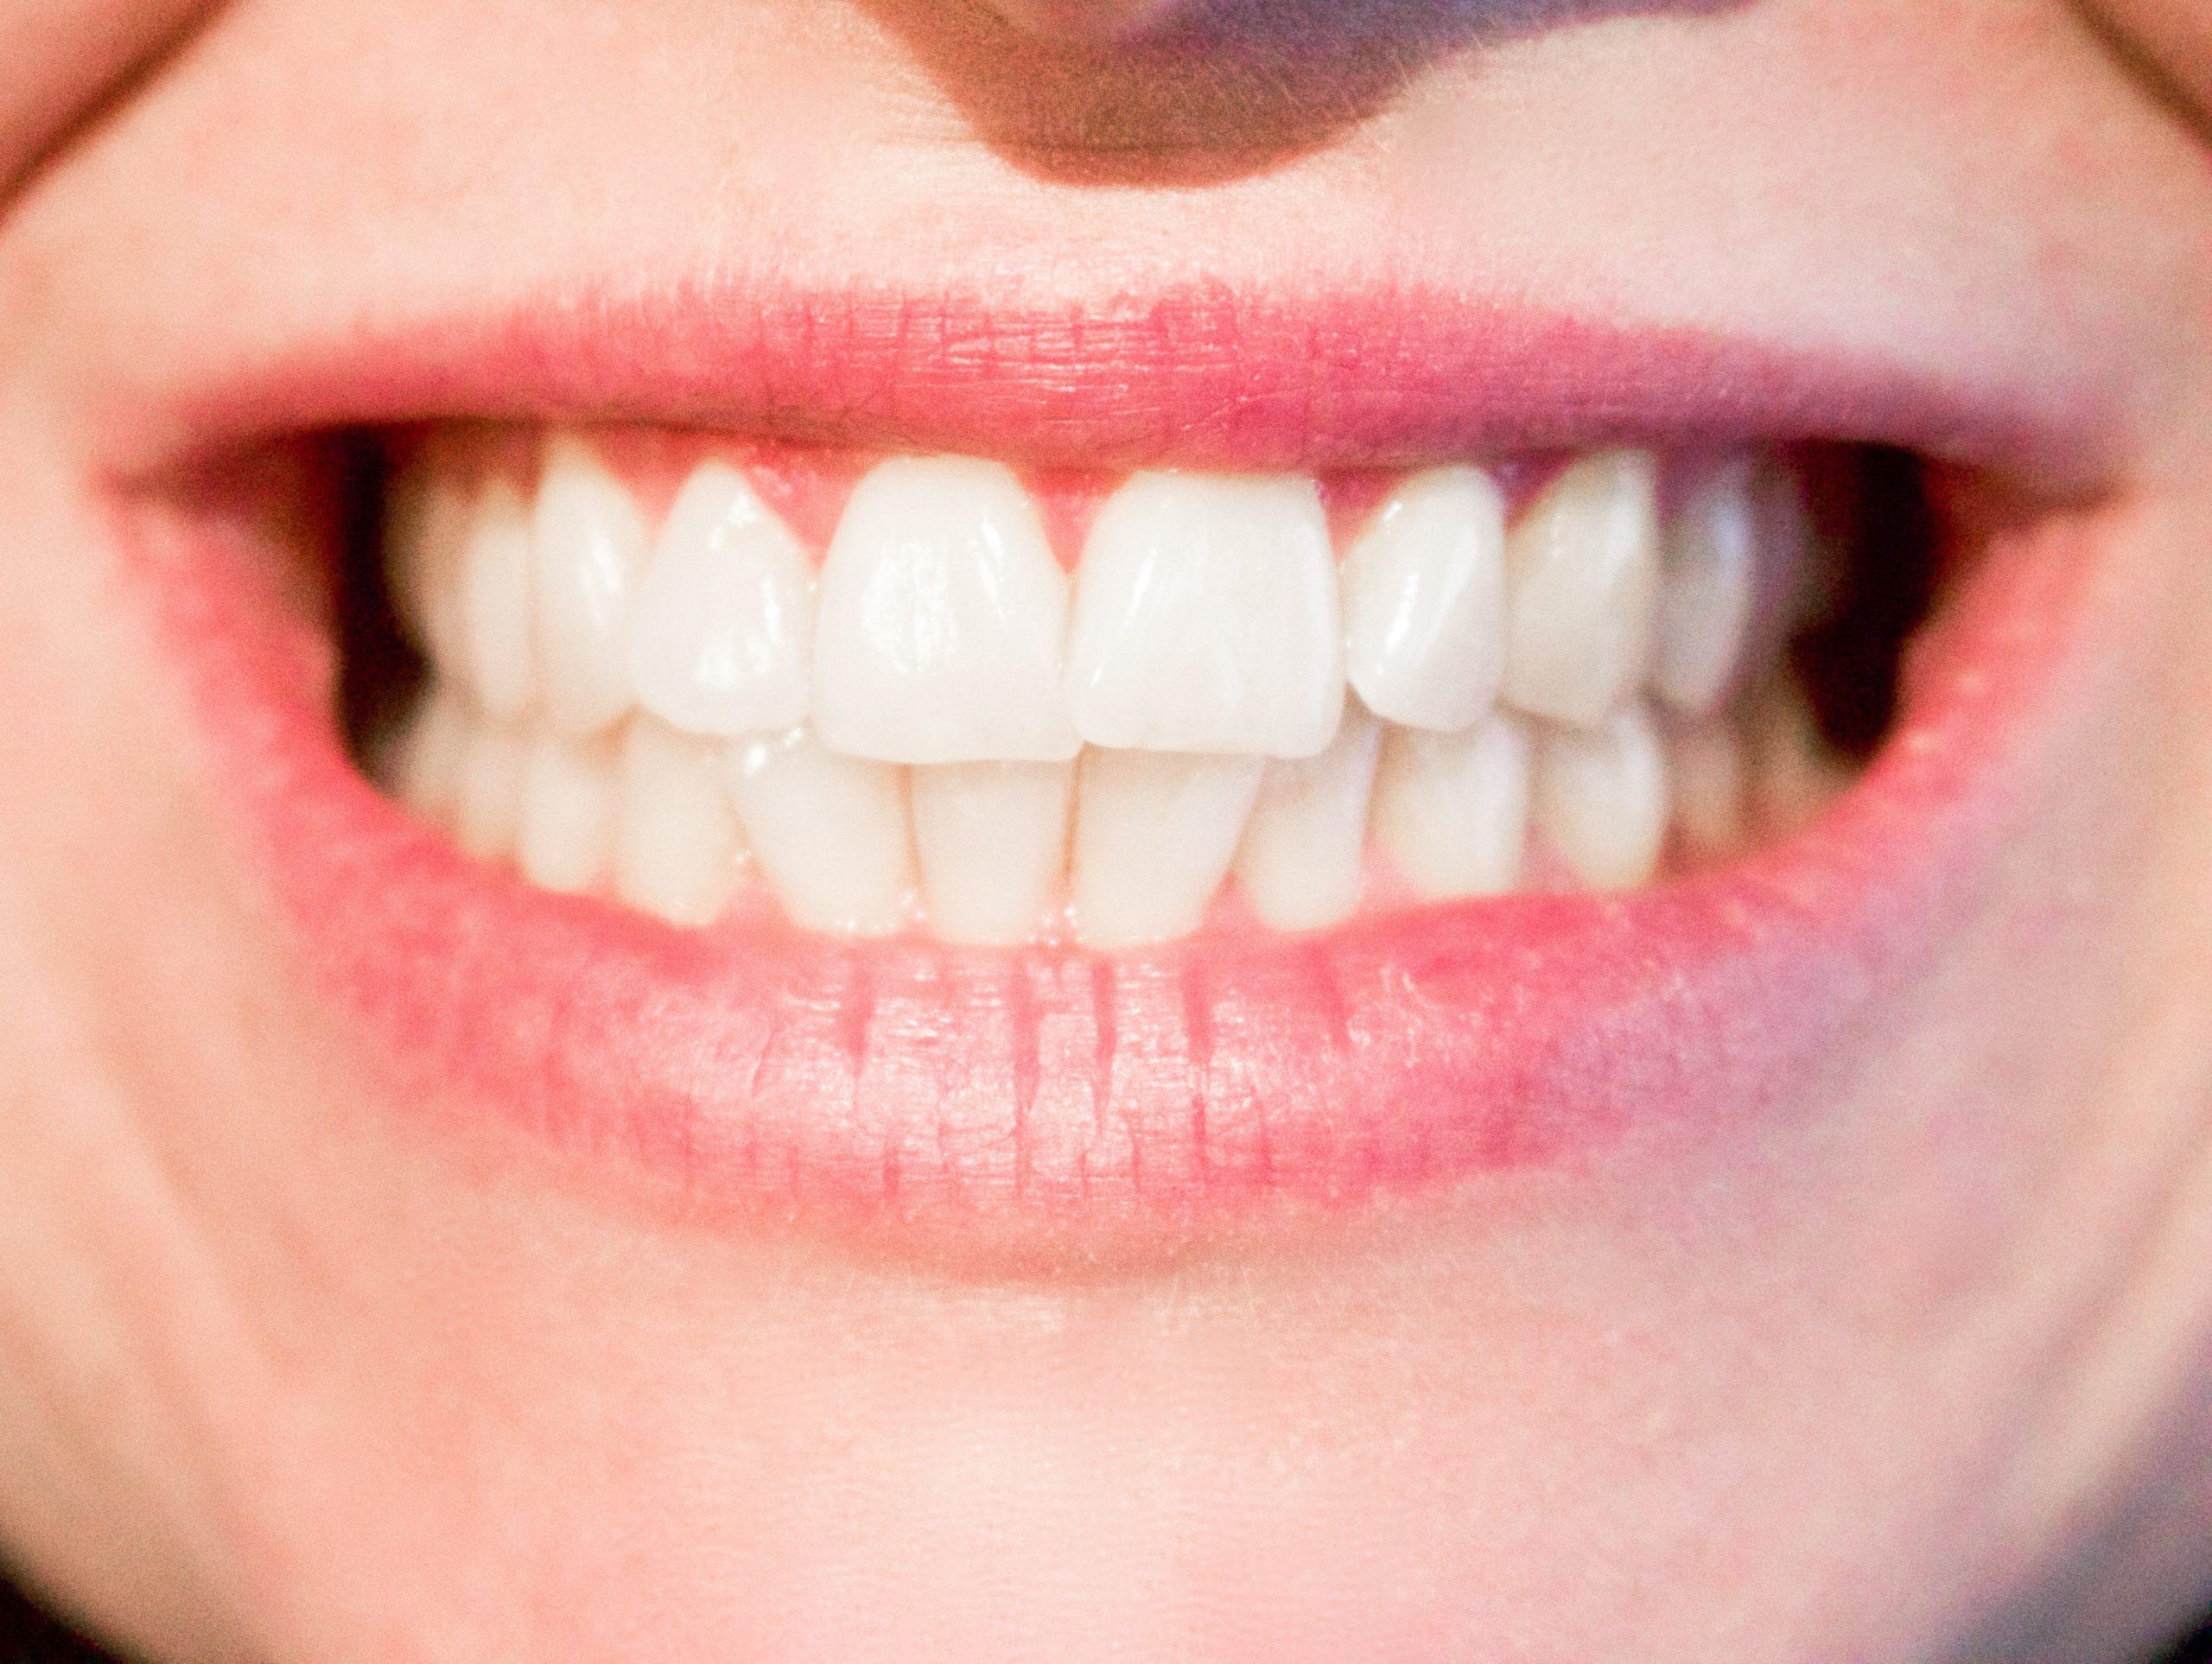 Plombage dent le soin dentaire par excellence